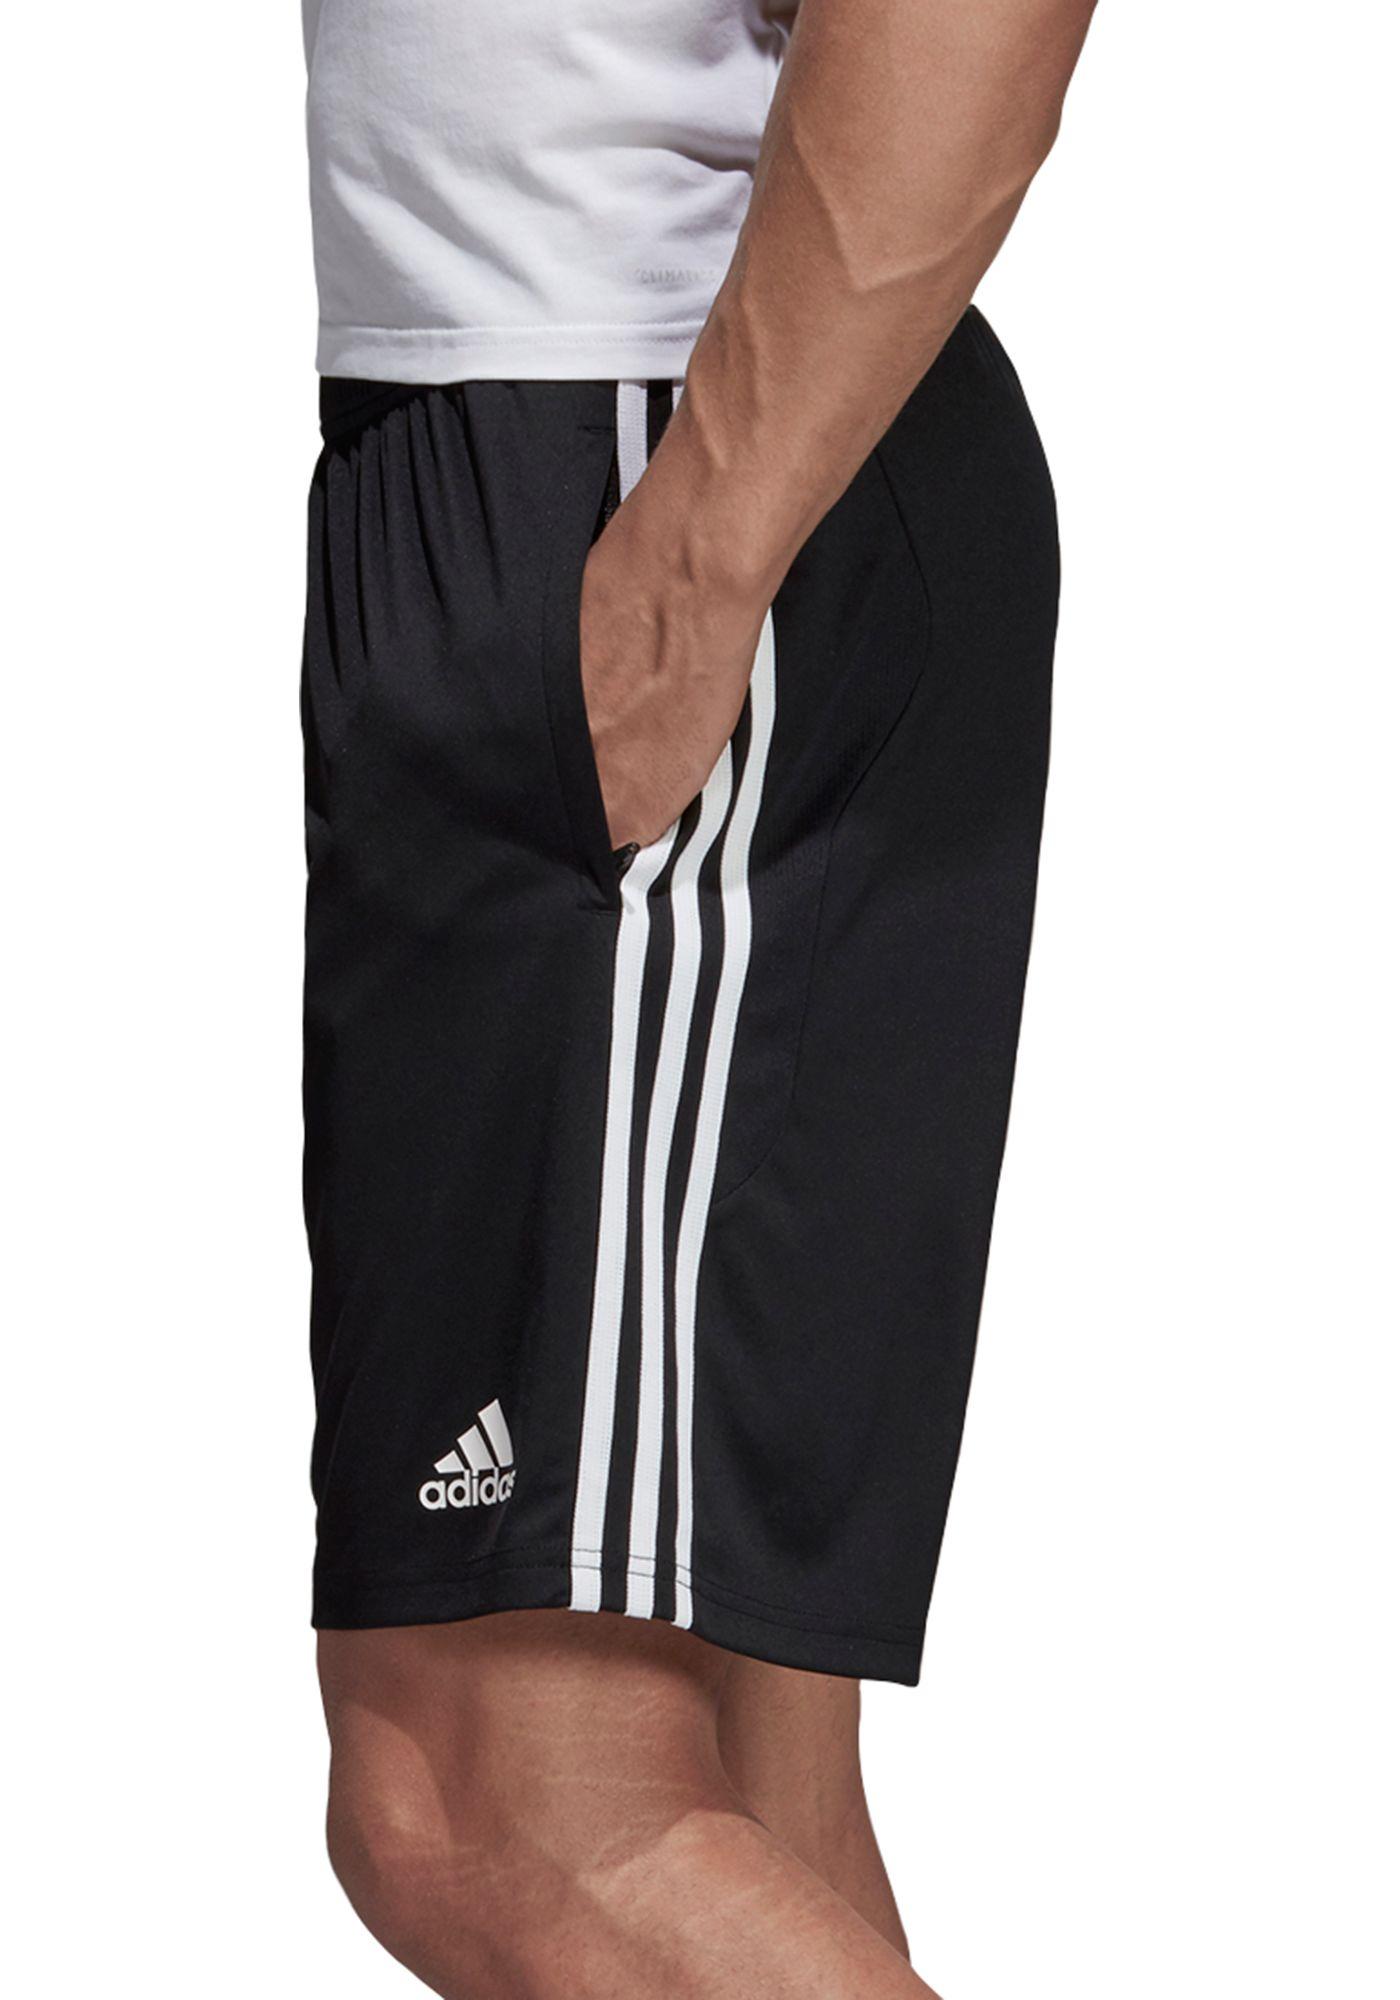 adidas Men's Tiro 19 Training Shorts